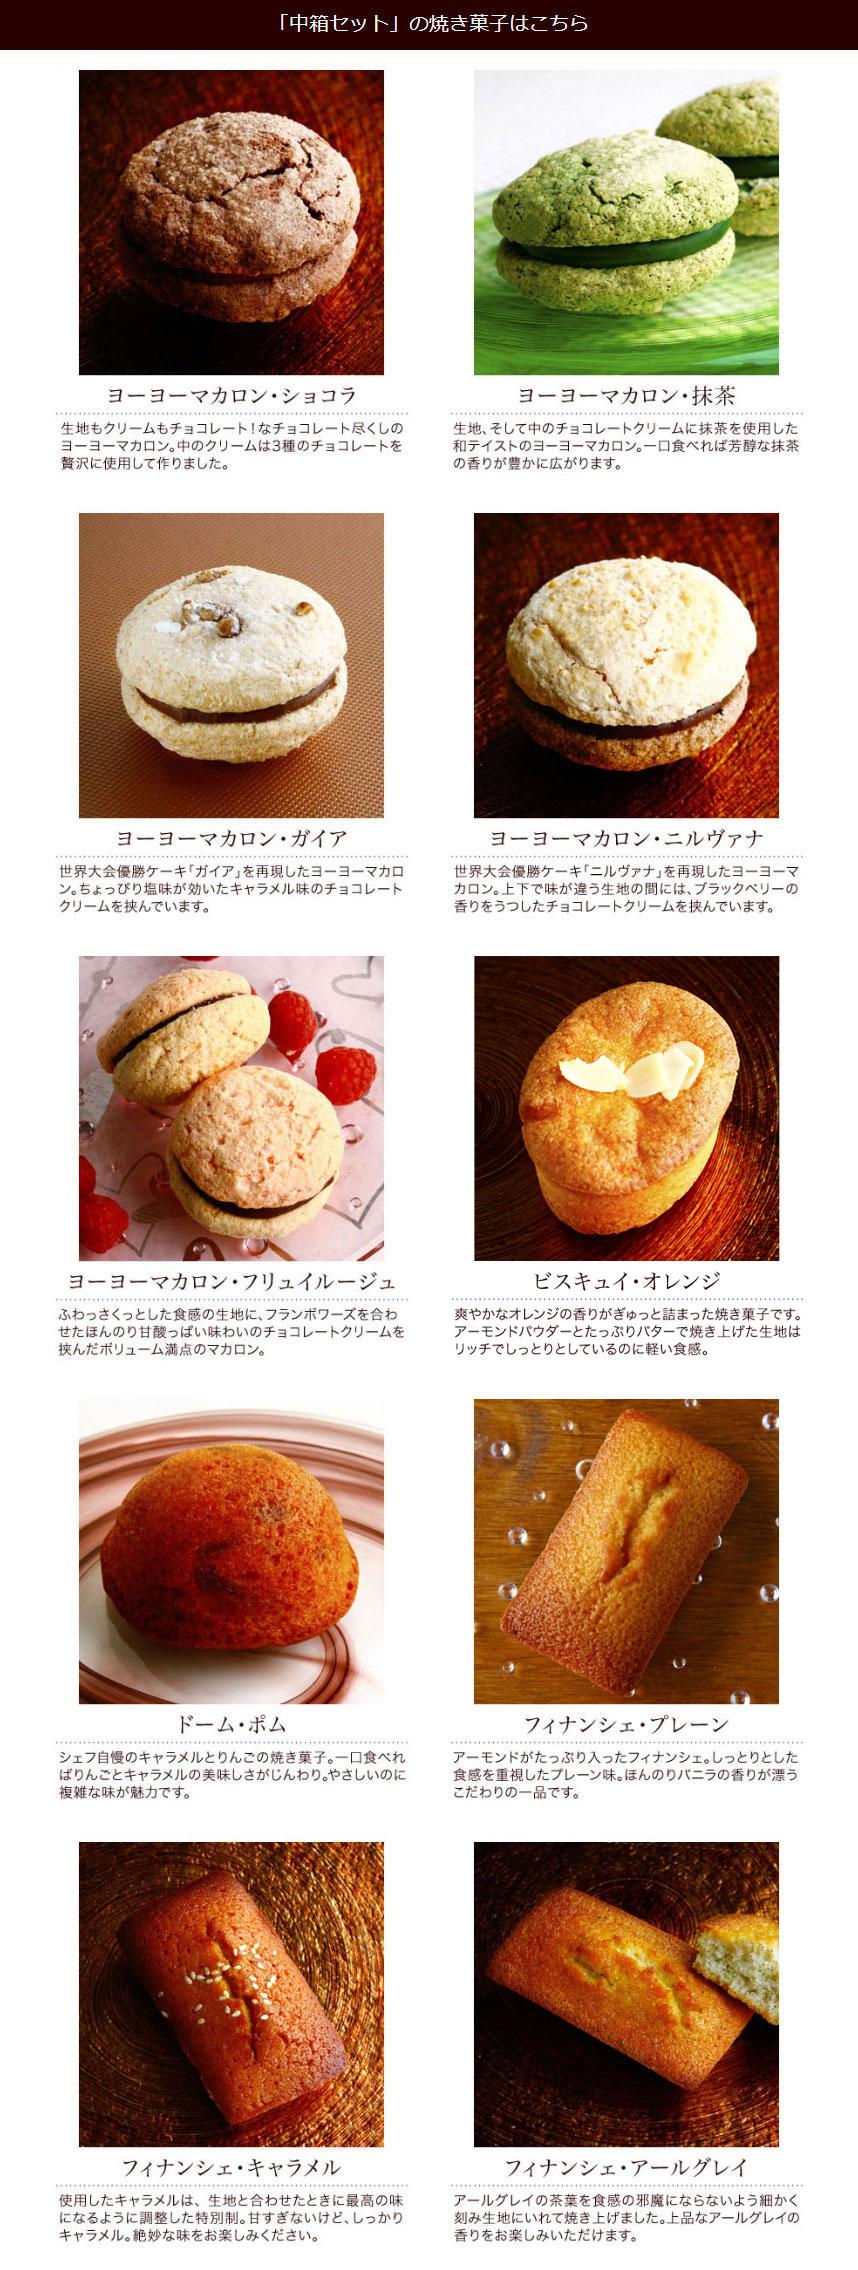 しっとり食感、優しい味わい。クリオロの焼き菓子セット